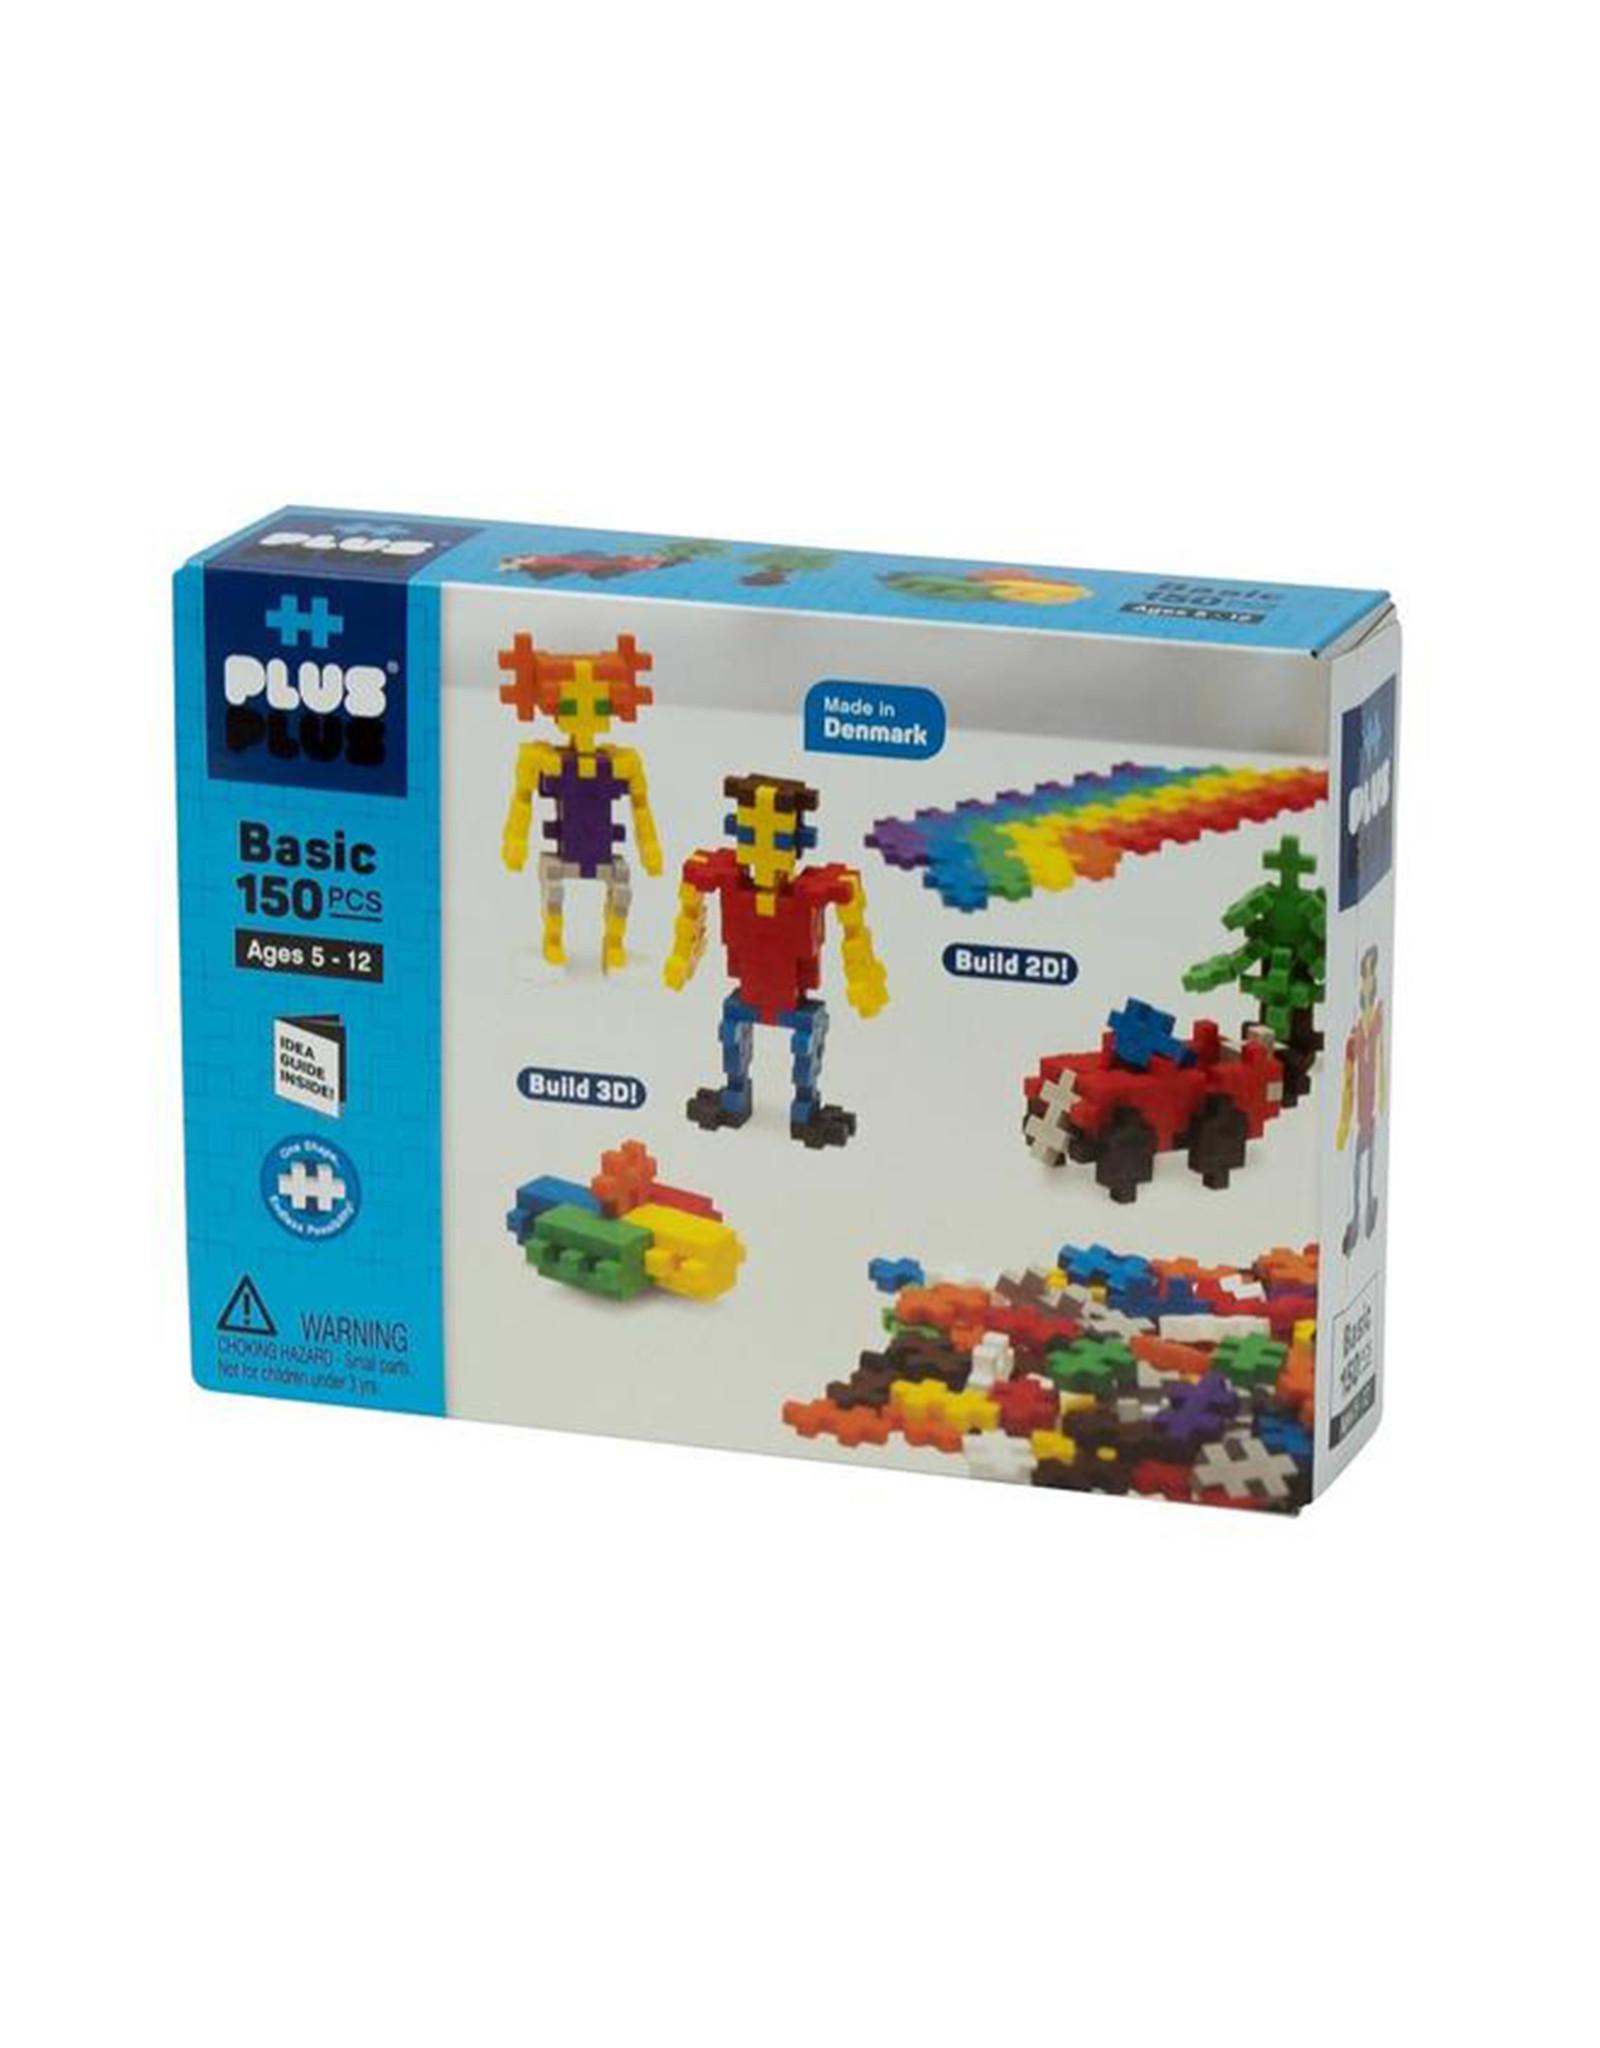 Plus Plus Mini, Basic 150 pieces